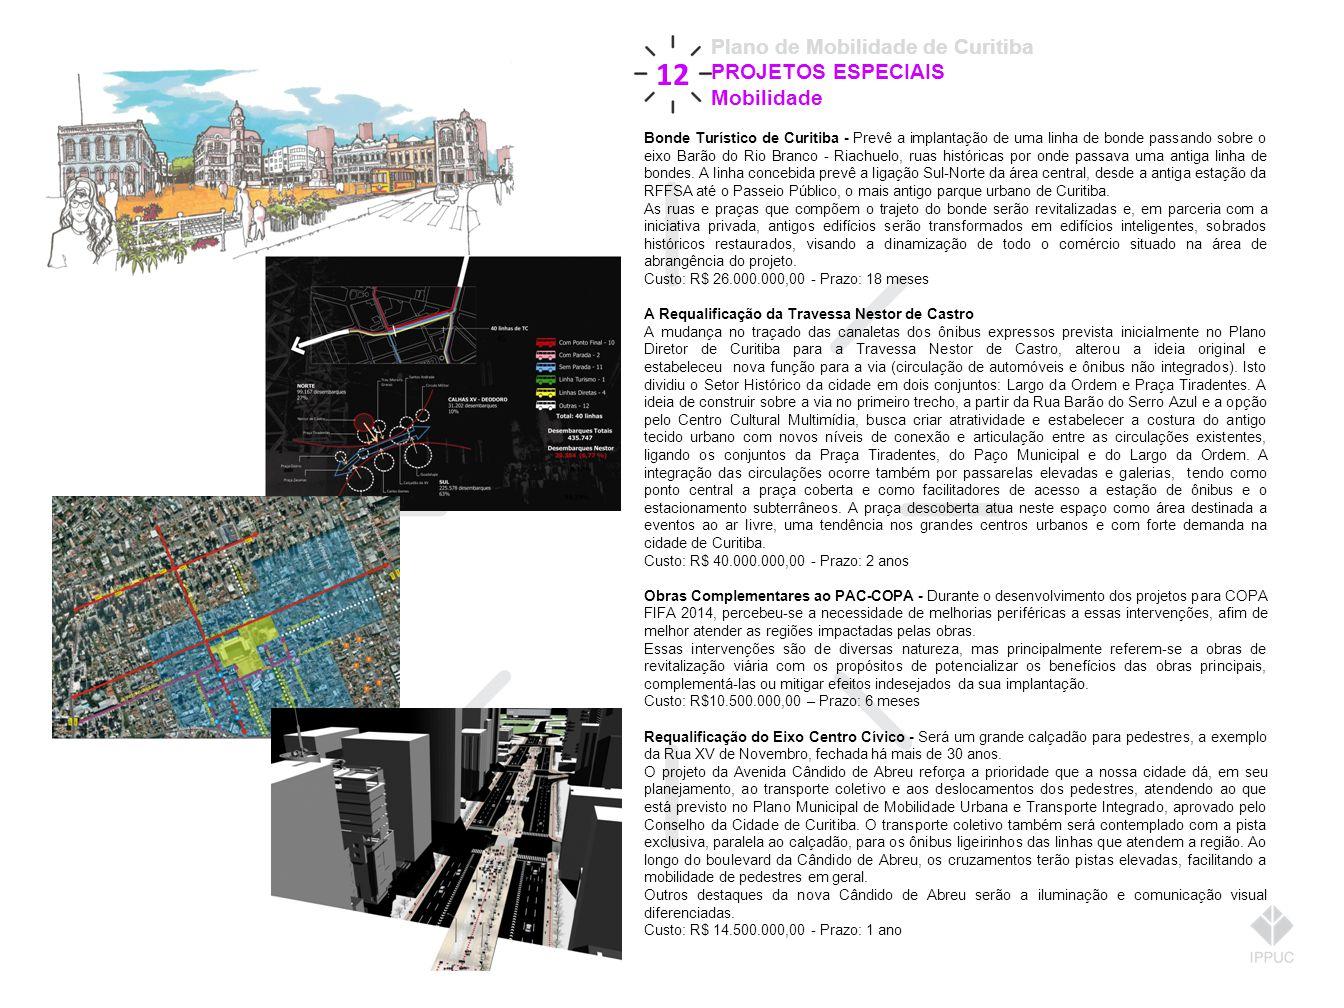 12 Plano de Mobilidade de Curitiba PROJETOS ESPECIAIS Mobilidade